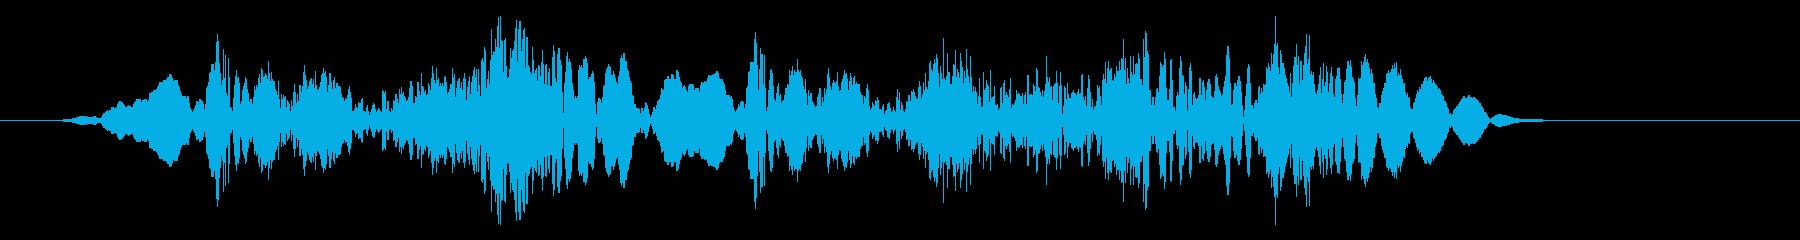 高速なびくスクラッチザップ2の再生済みの波形